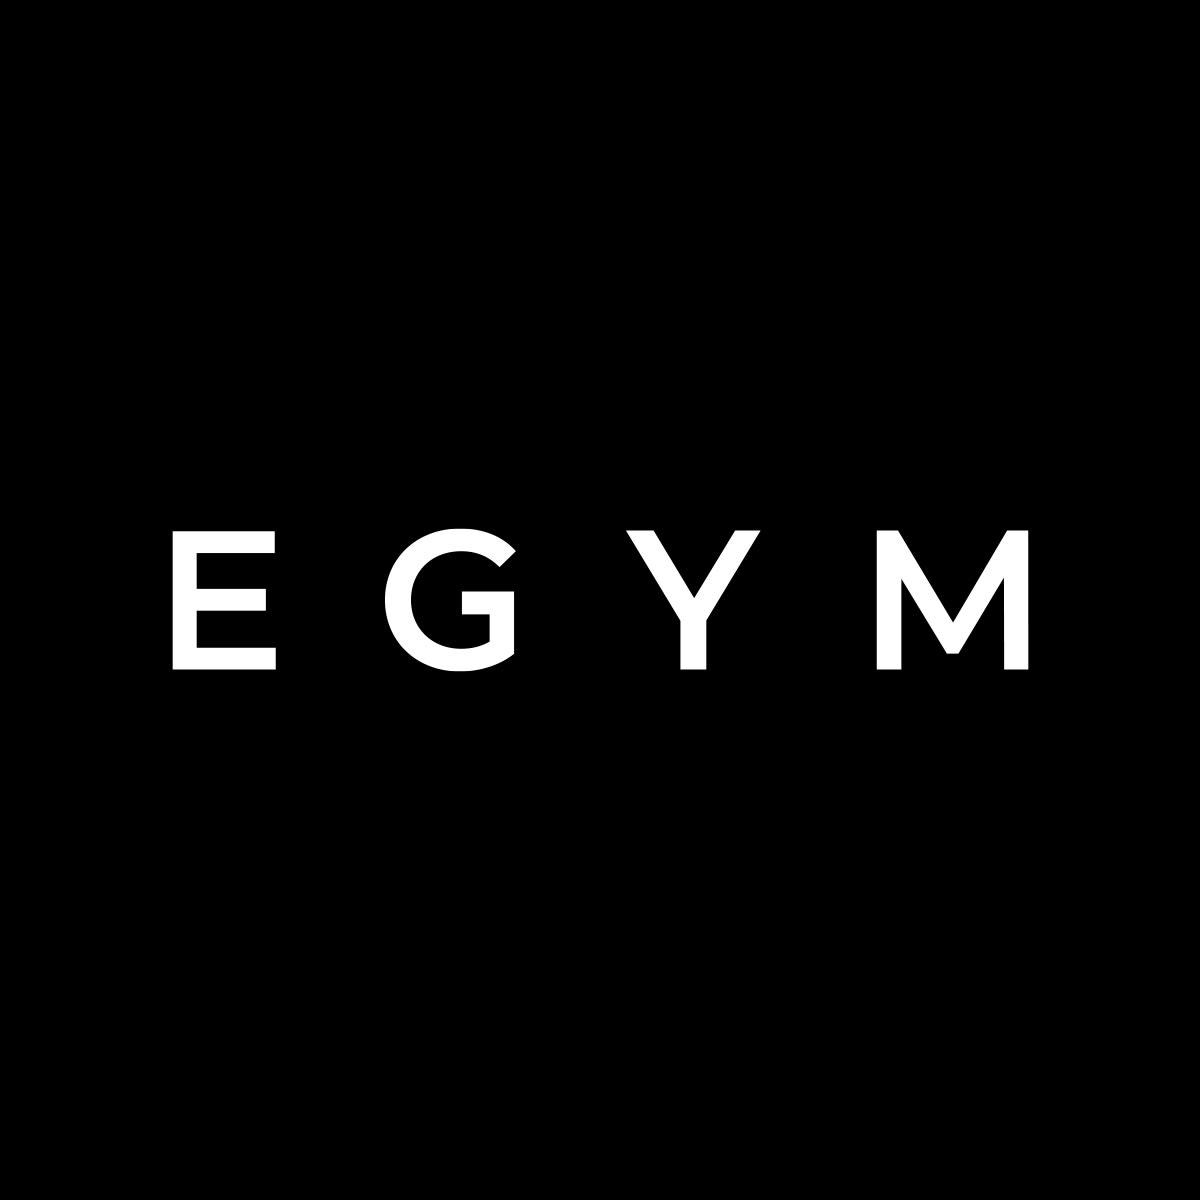 eGym icon